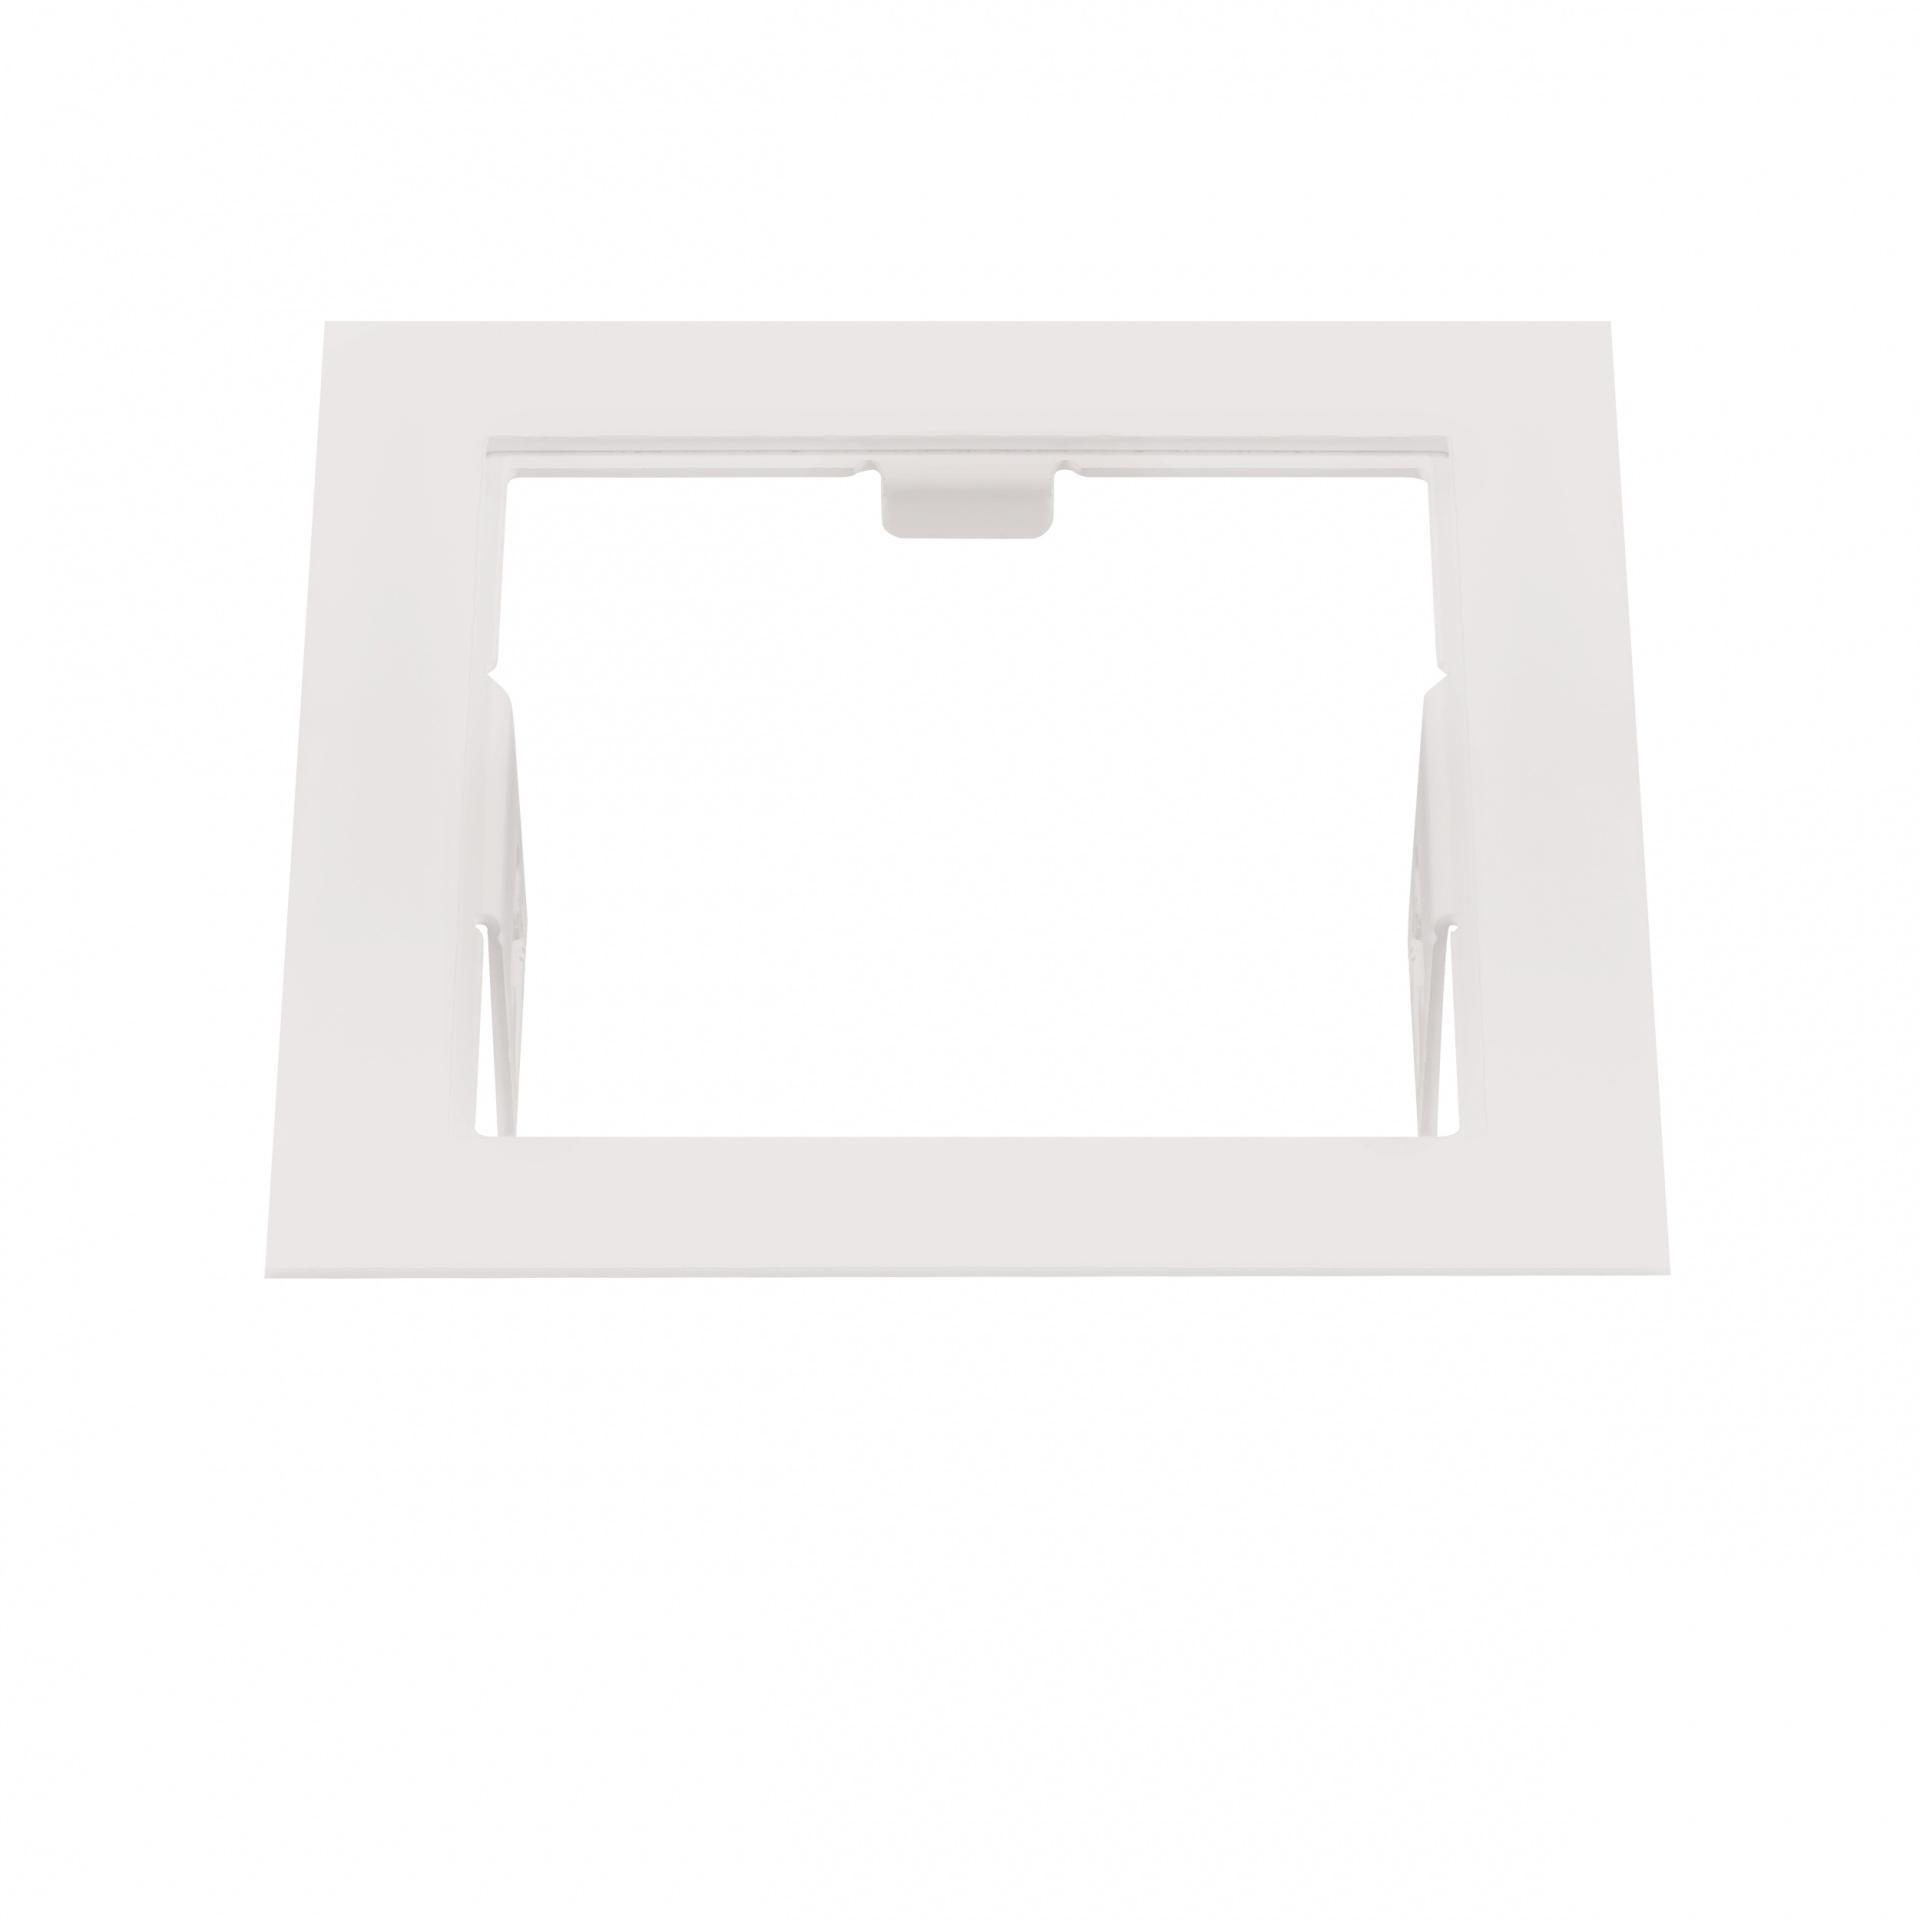 Рамка Domino quadro MR16 белый Lightstar 214516, купить в СПб, Москве, с доставкой, Санкт-Петербург, интернет-магазин люстр и светильников Starlight, фото в жизни